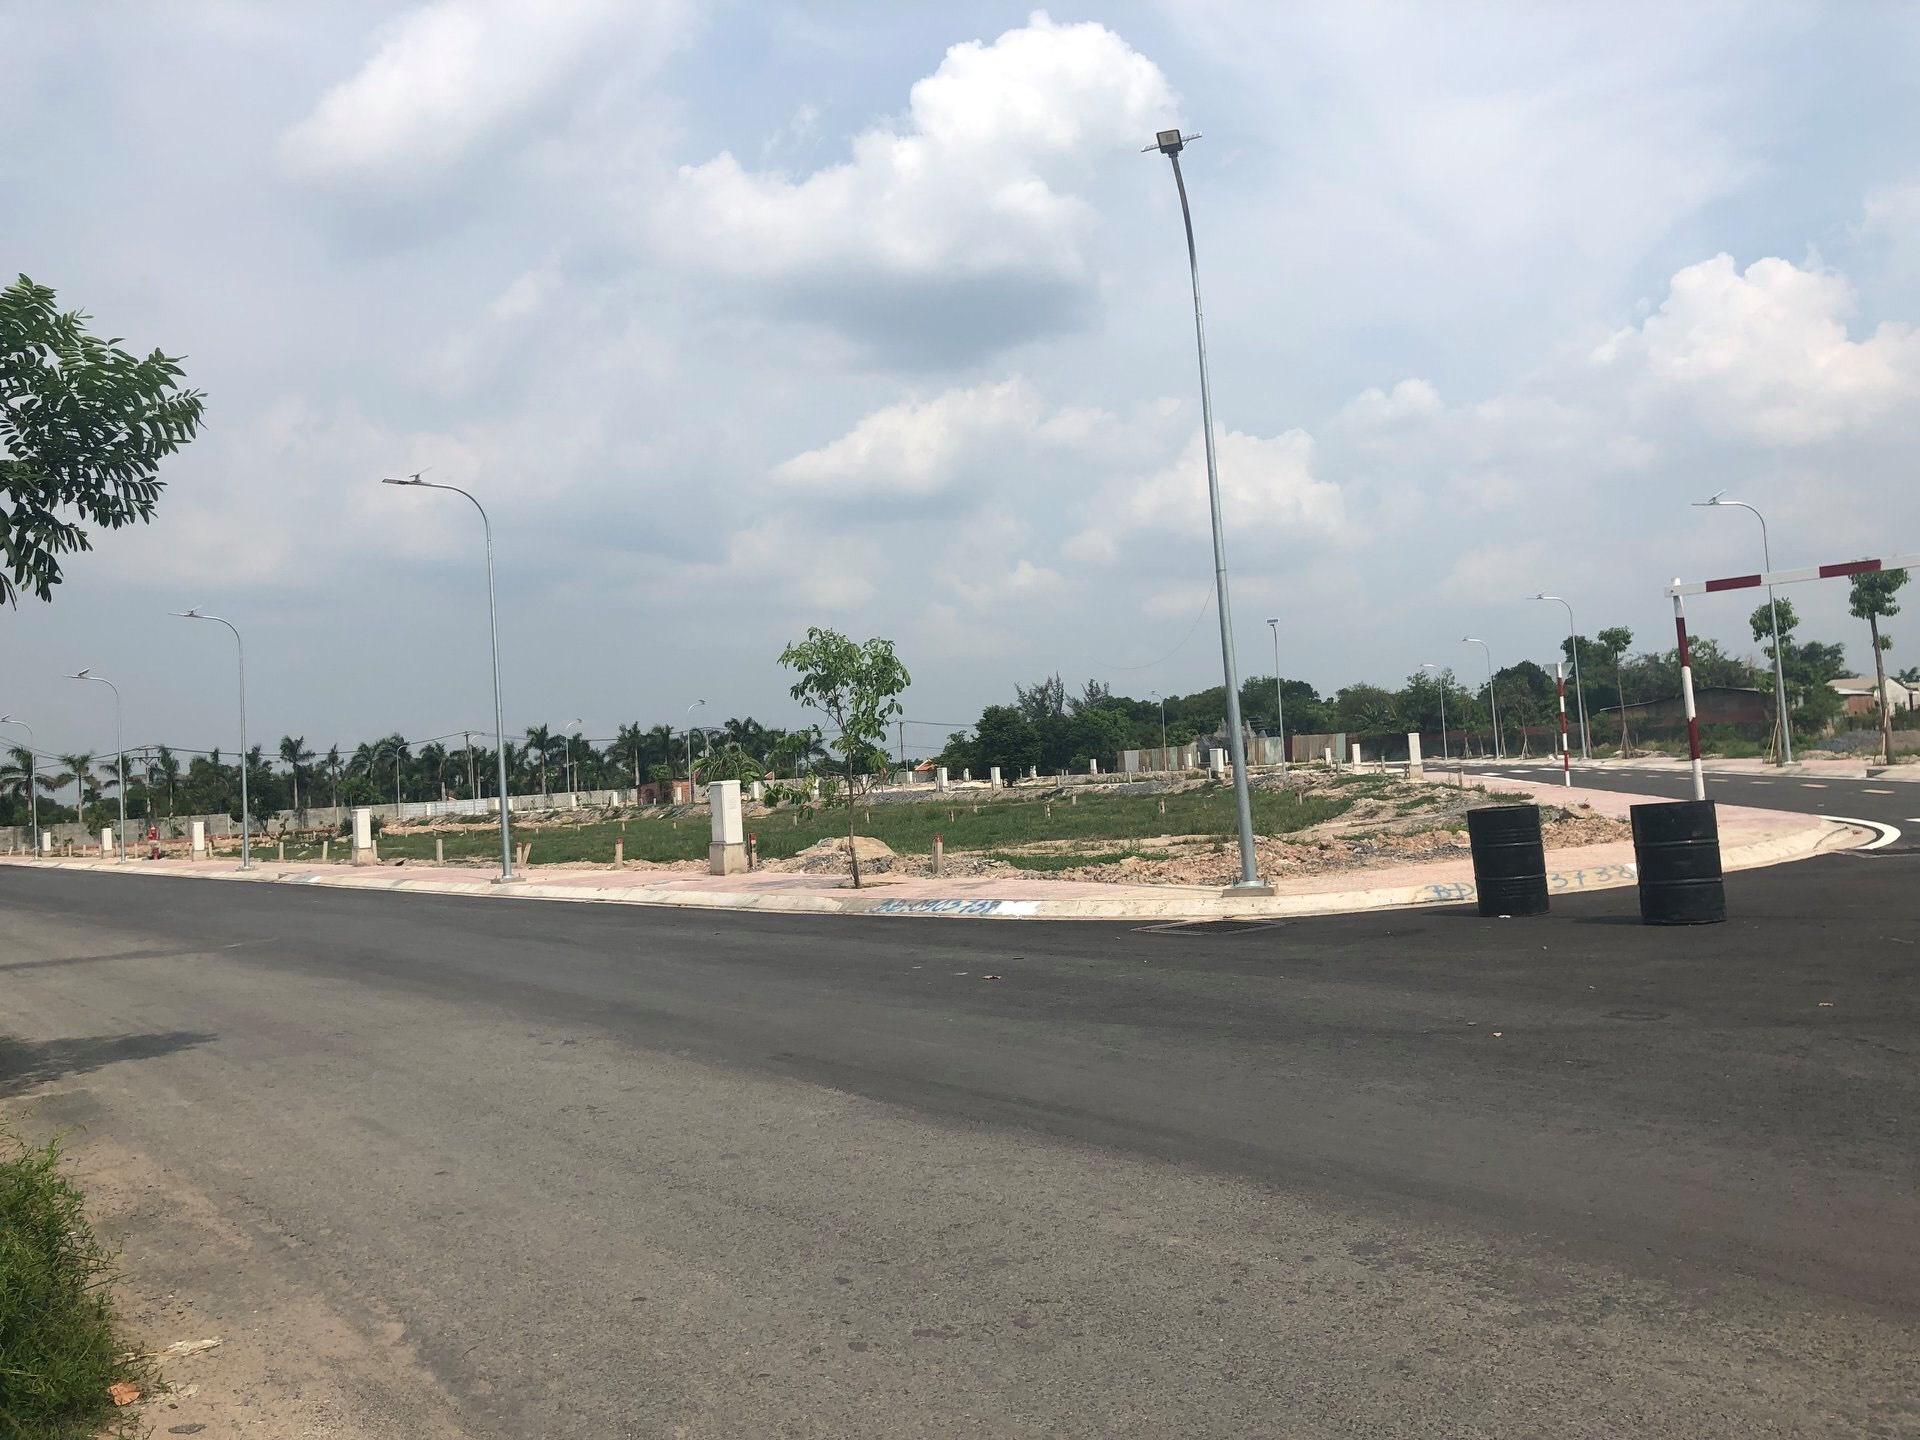 Hạ tầng dự án đất nền trong khu dân cư Tân Phú Trung đang trong quá trình thi công